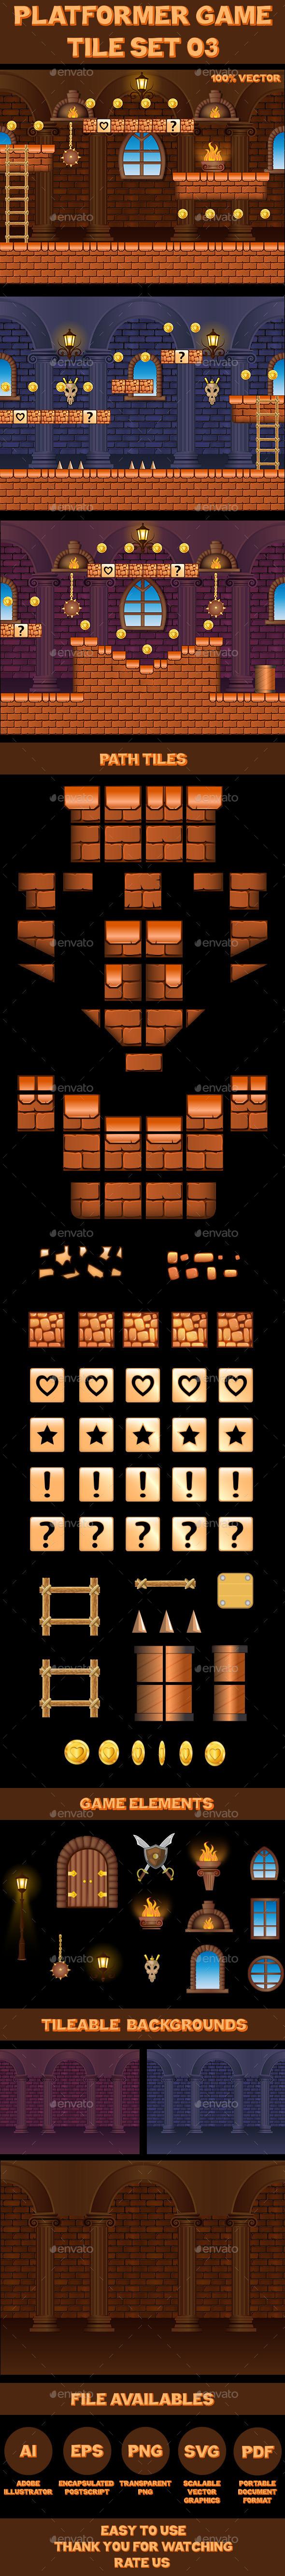 Platform Game Tile Set 03 - Tilesets Game Assets